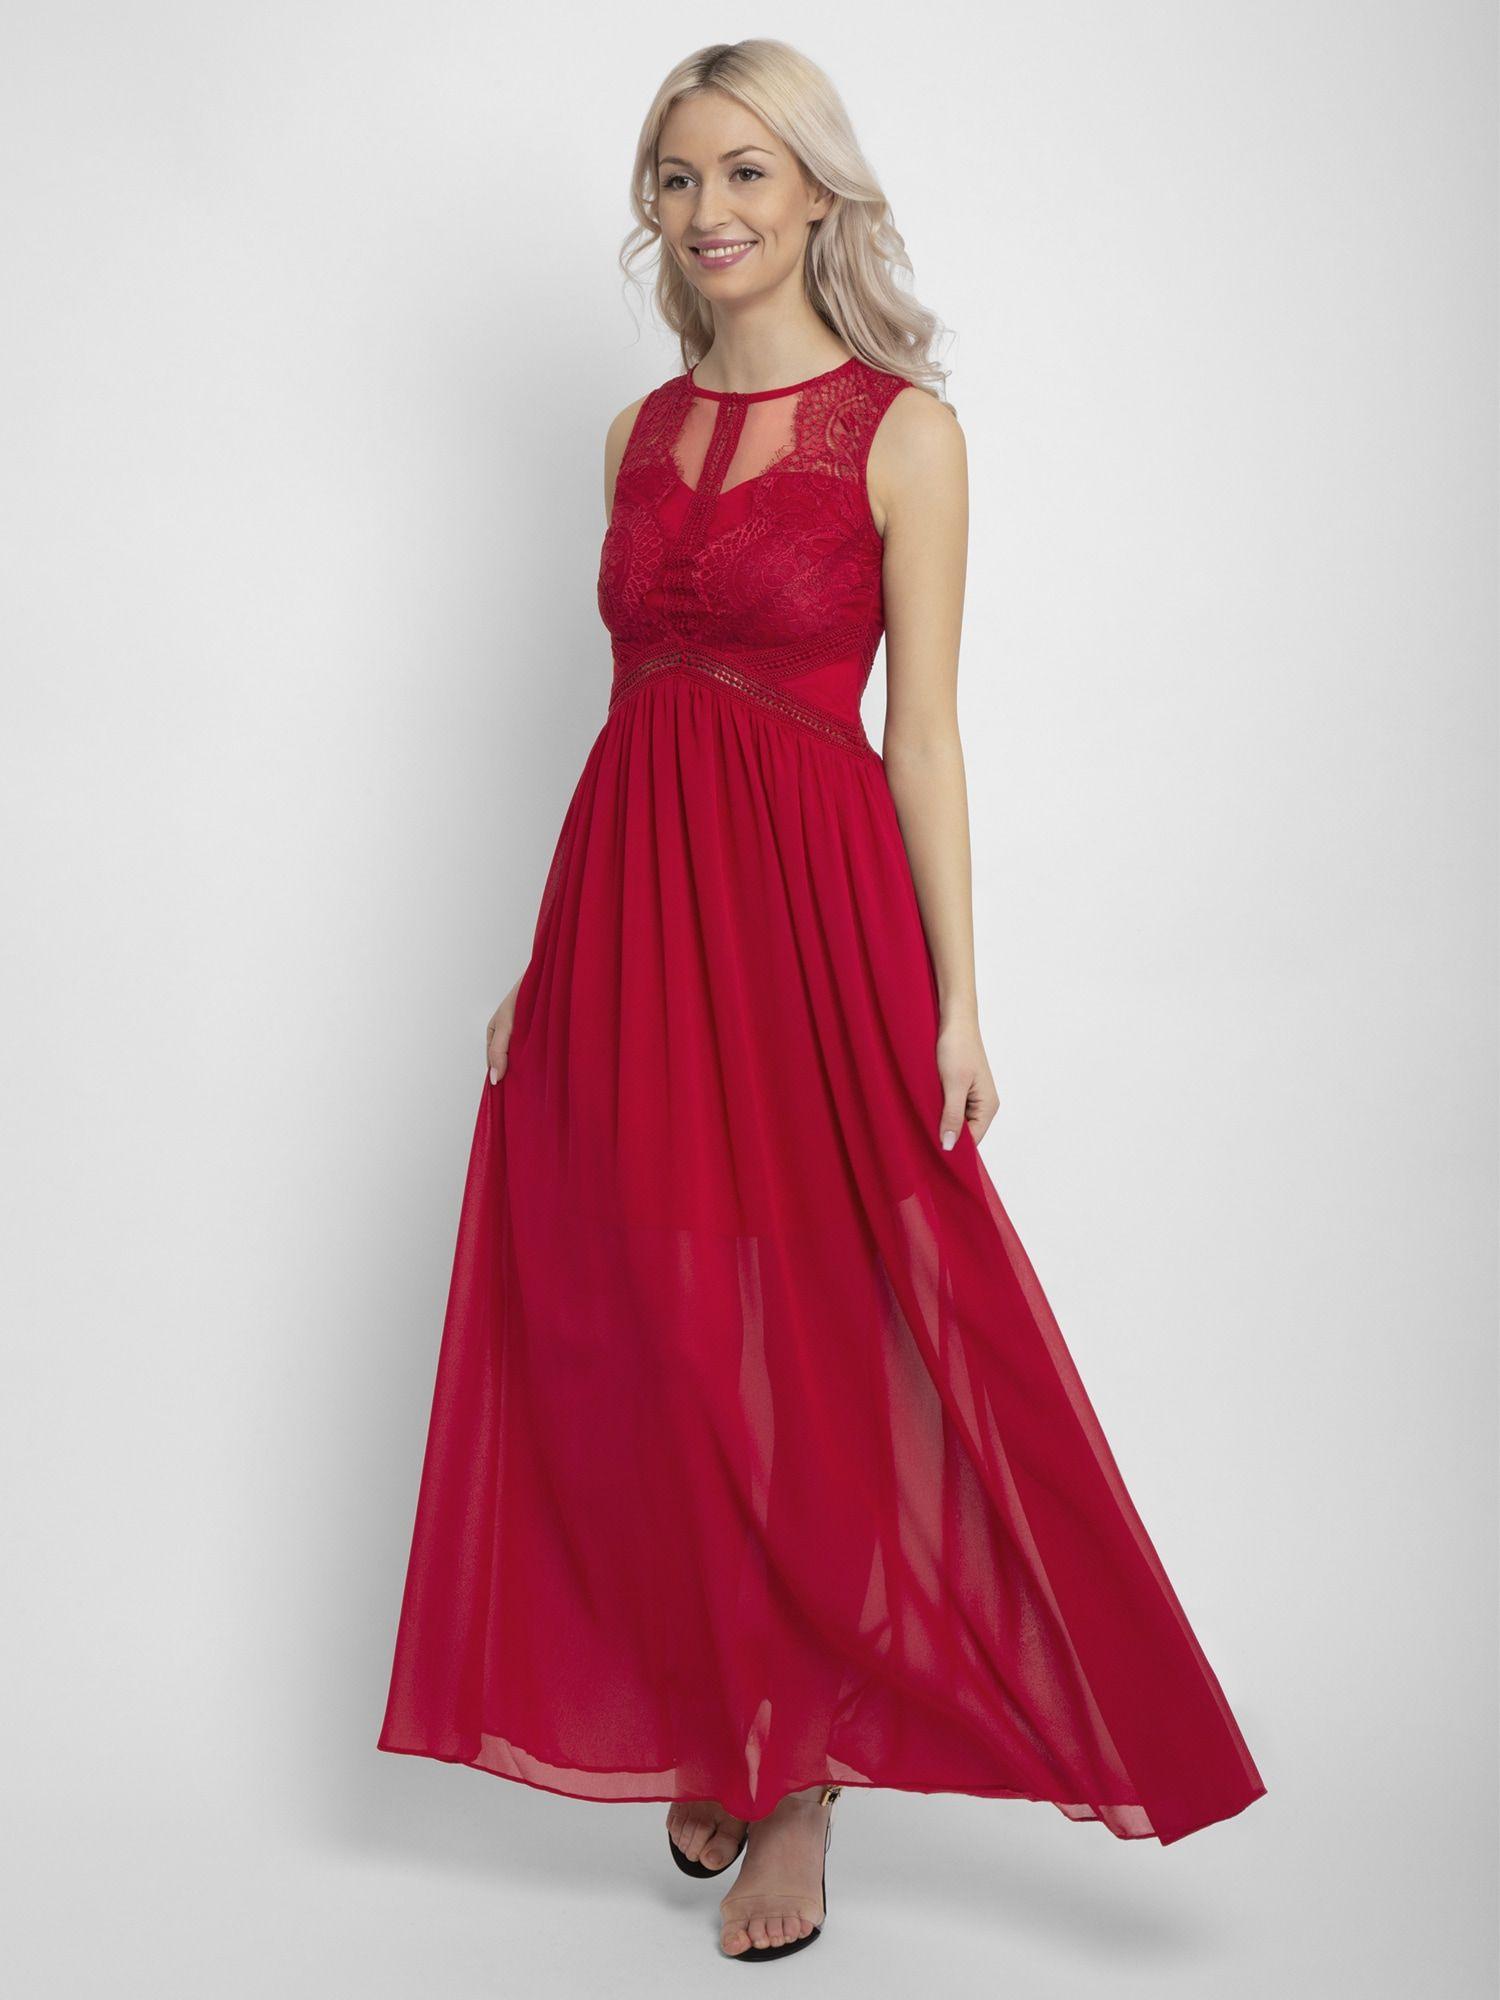 Abend Schön Abendkleider Rot Lang Boutique10 Cool Abendkleider Rot Lang Boutique